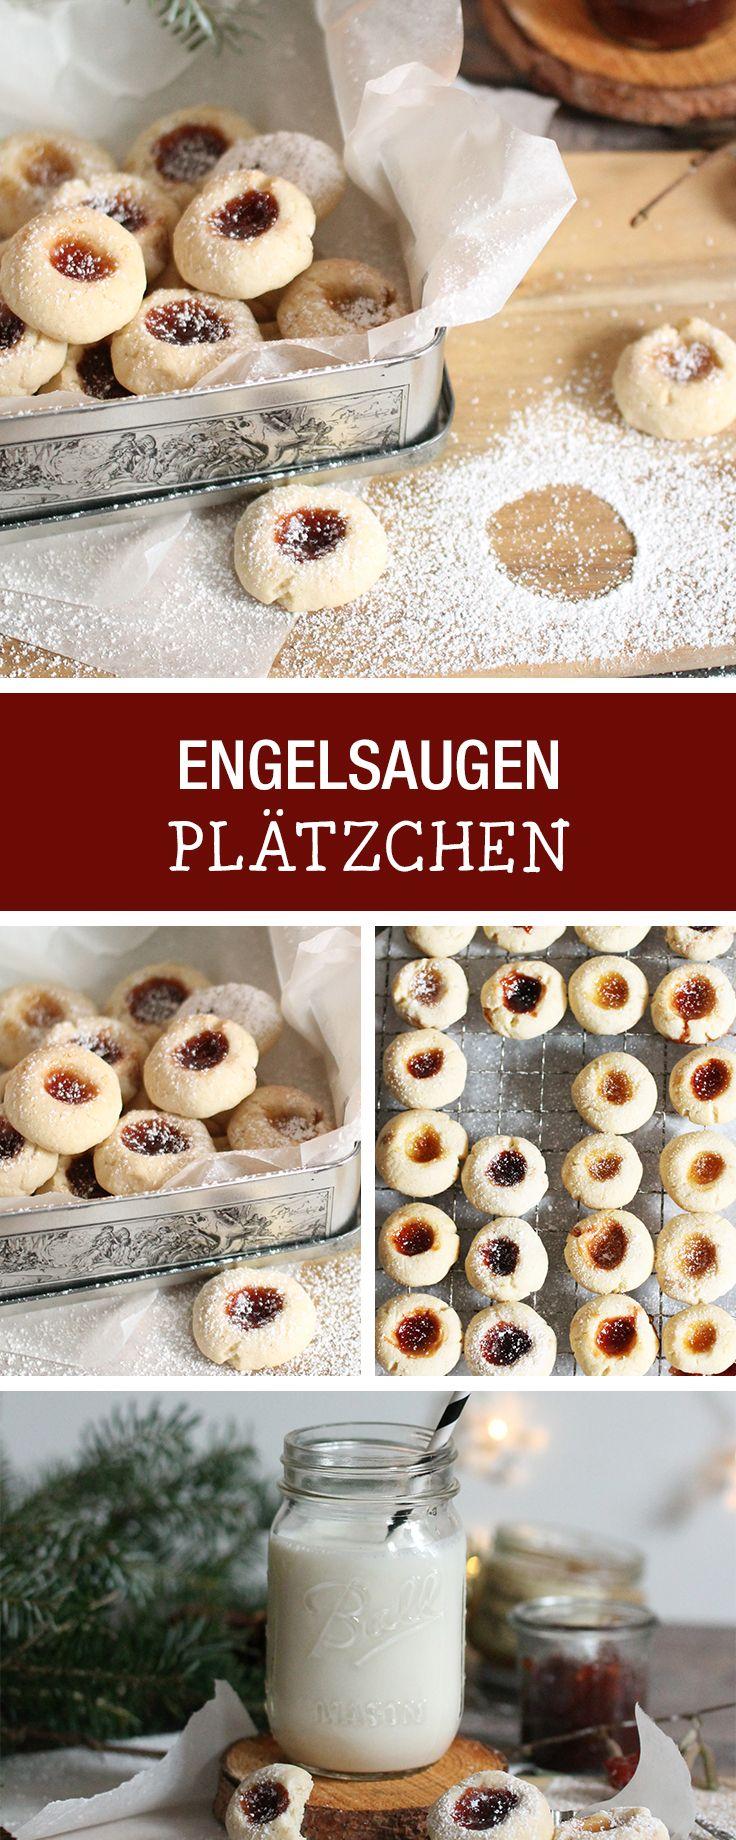 Leckere pl tzchen engelsaugen backen weihnachtsb ckerei christmas cookies recipe for - Weihnachtsdeko backen ...